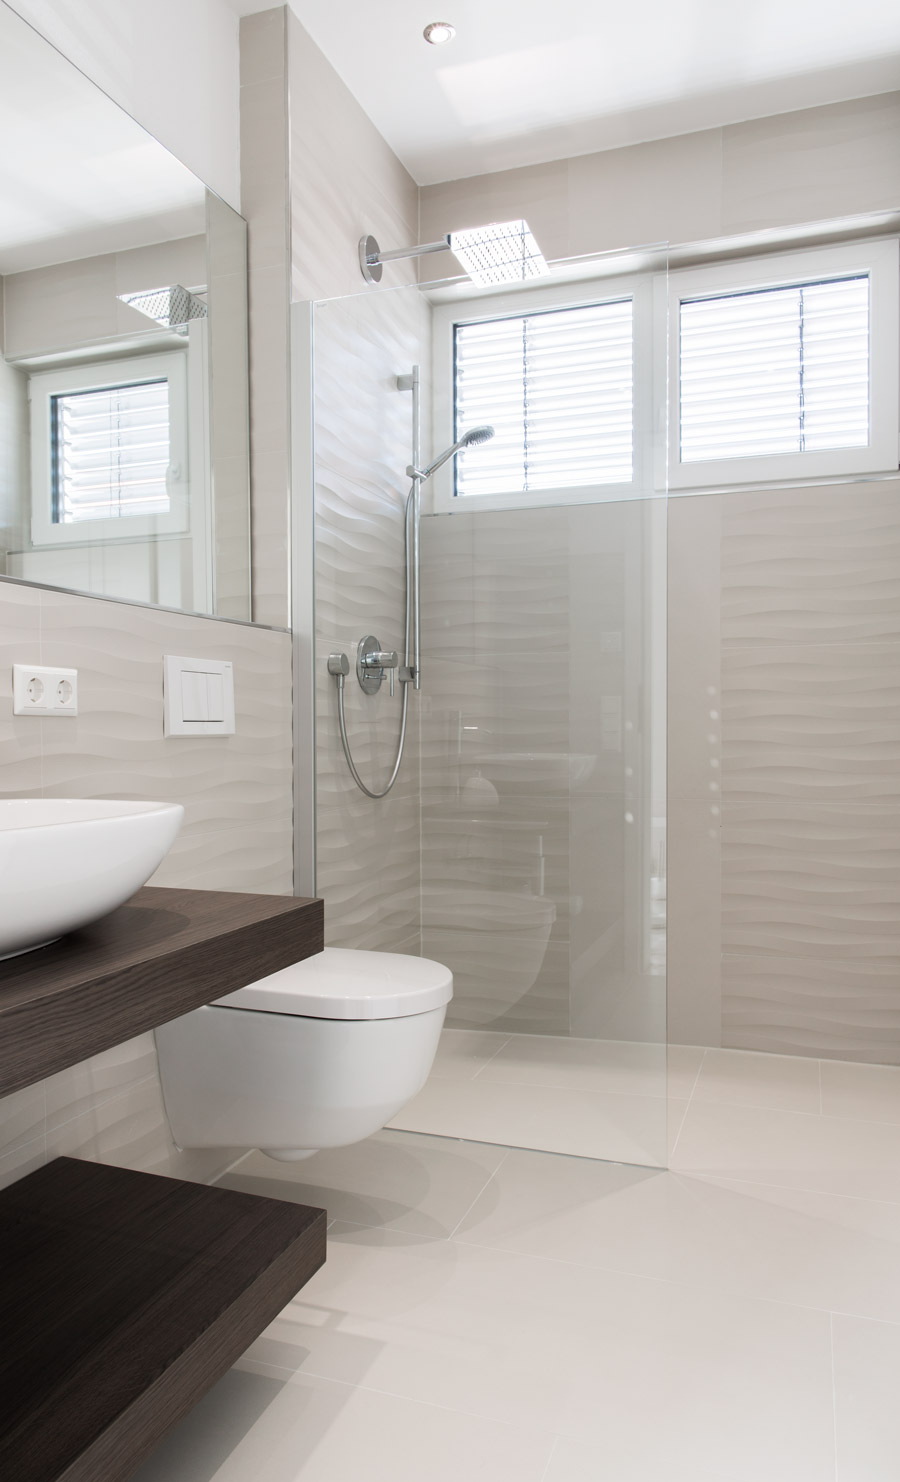 Innenarchitektur_Fasulo_Haus_Weingarten_Toilette